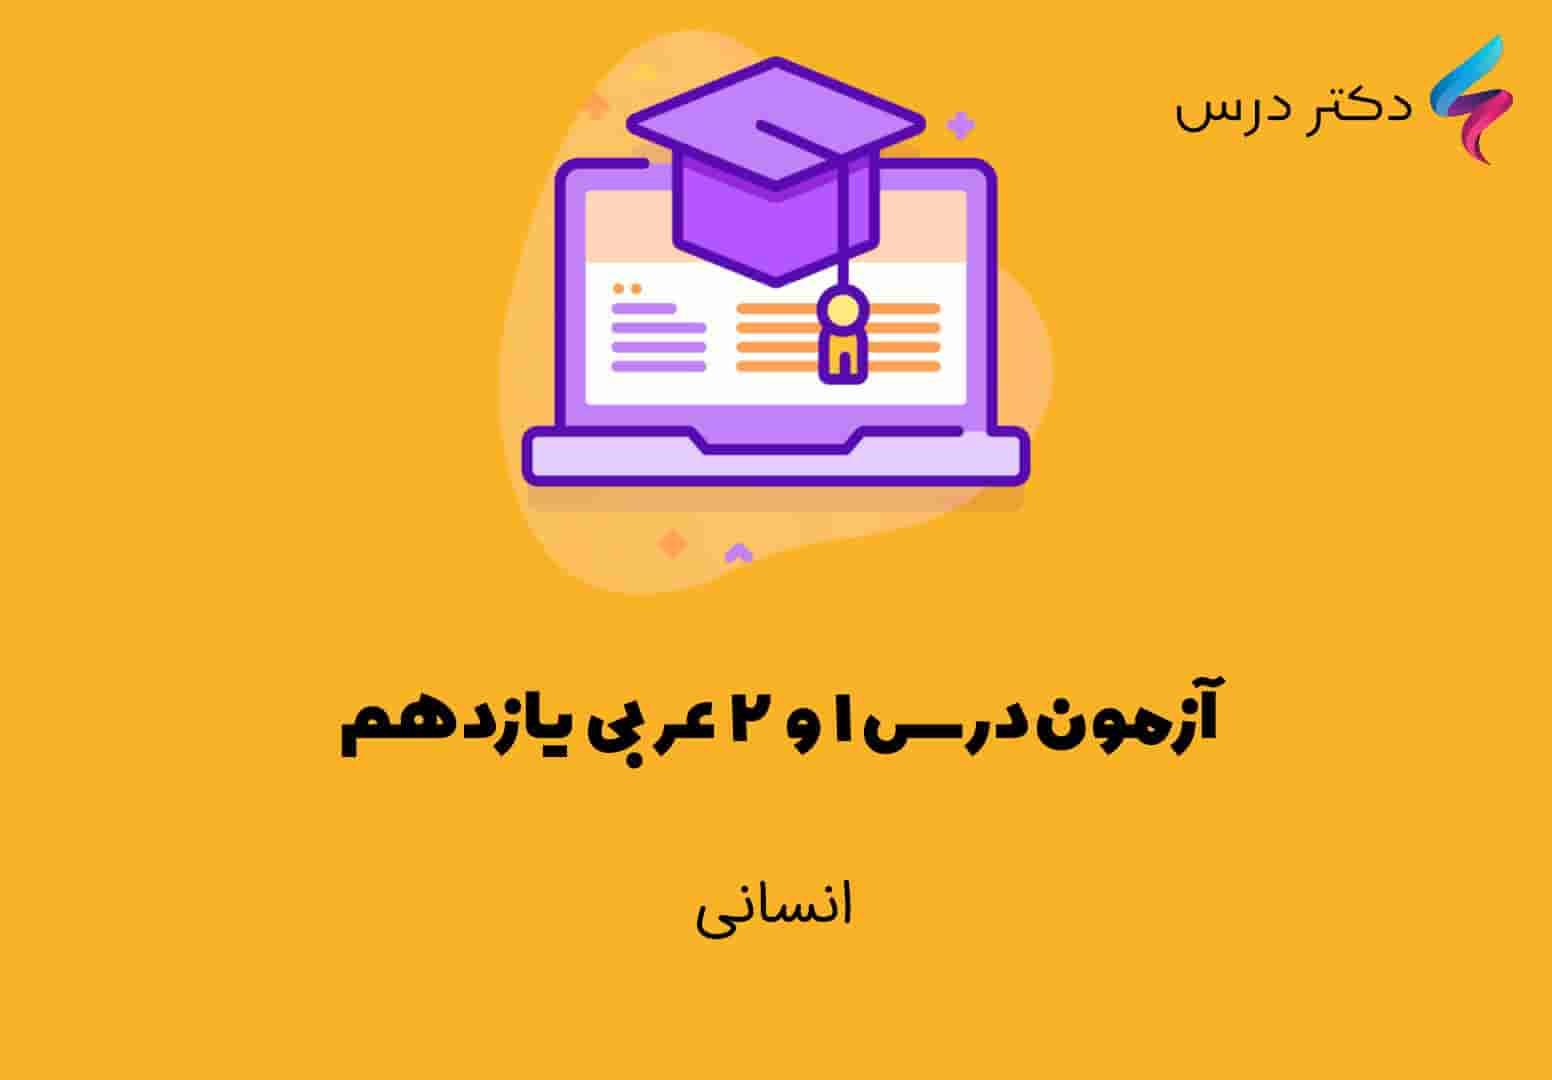 آزمون درس 1 و 2 عربی یازدهم انسانی